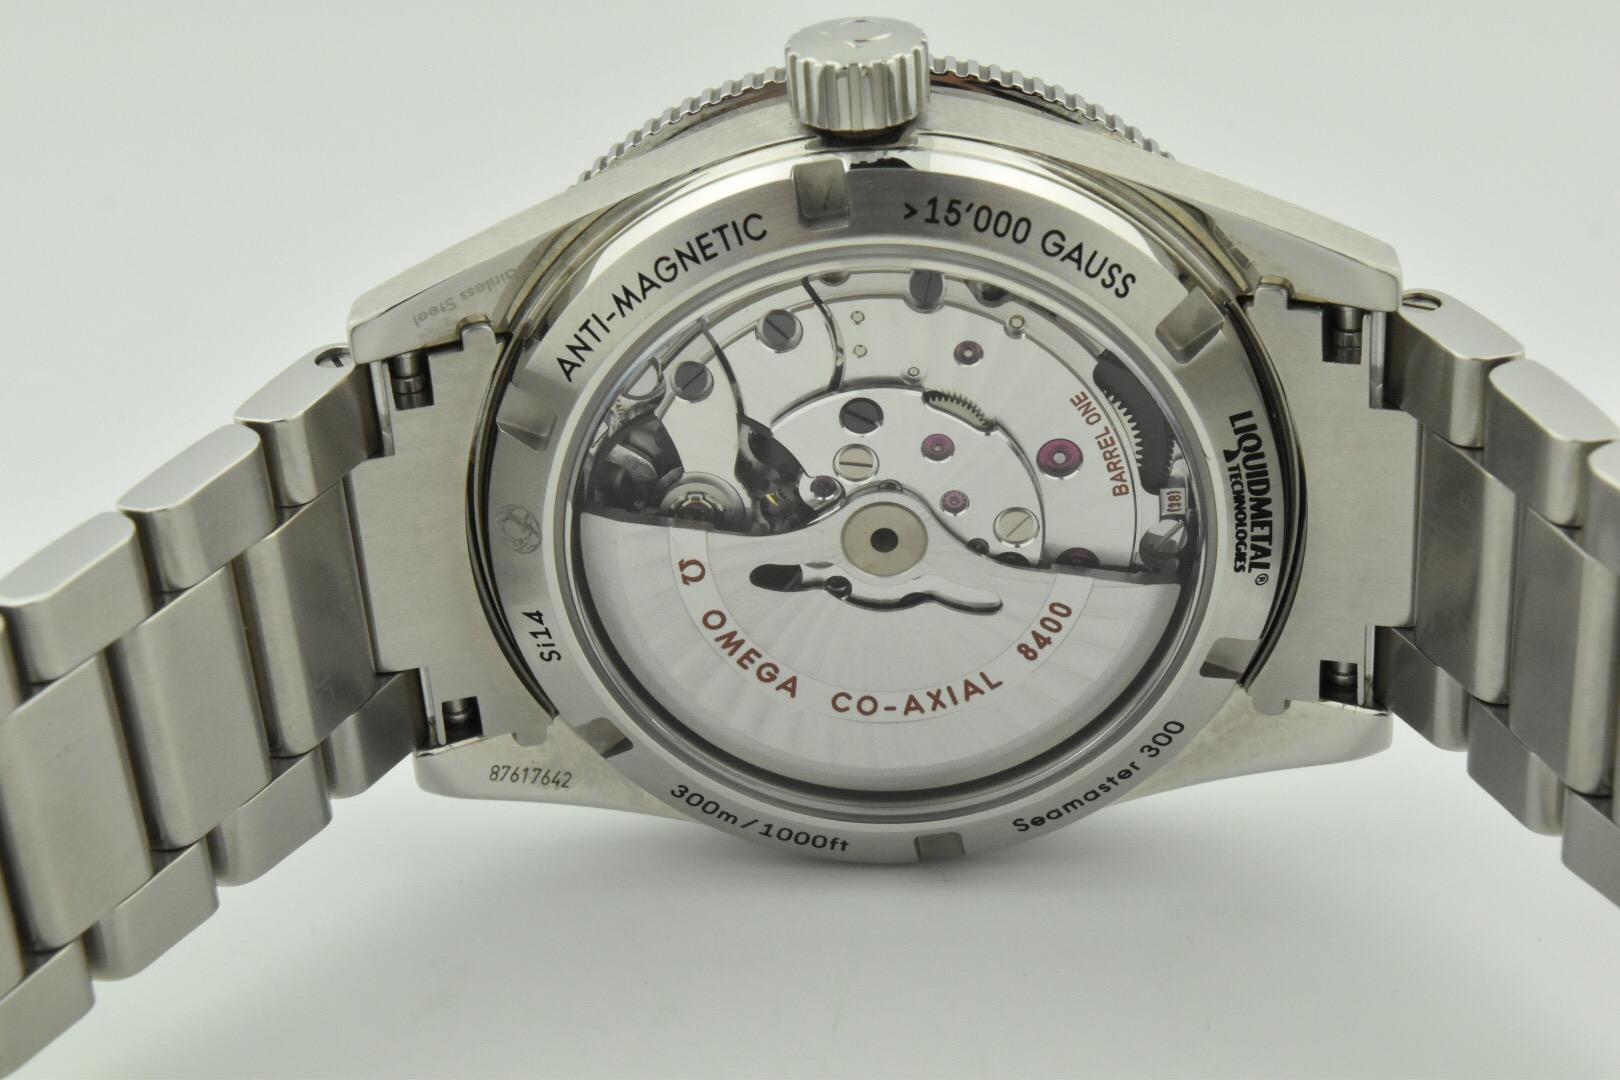 IMG 6869 2 - Omega Seamaster 300